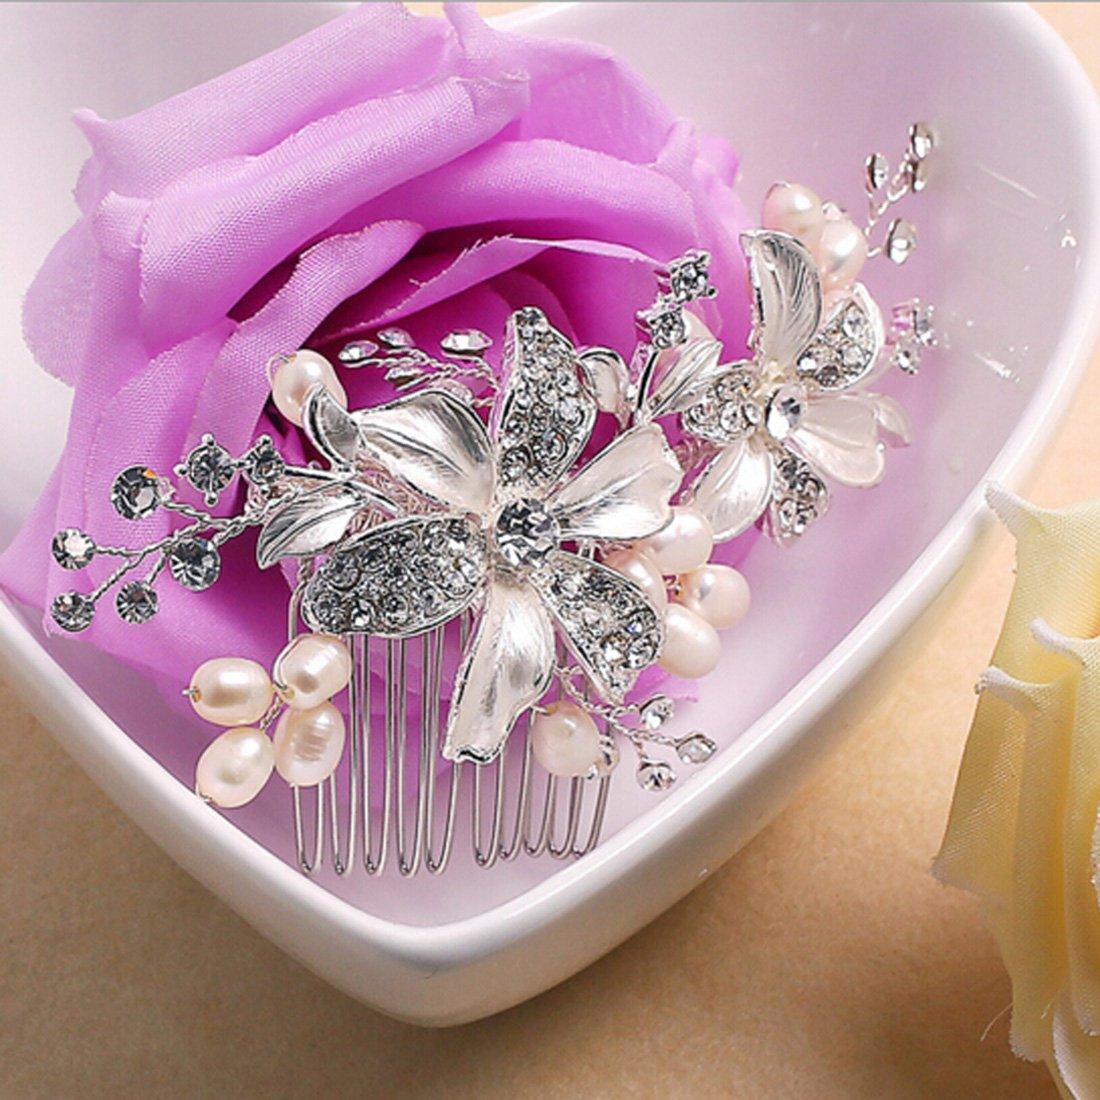 La main Argent Cheveux Peigne Fleur Mariage Perle Cr/ème Qccessoires